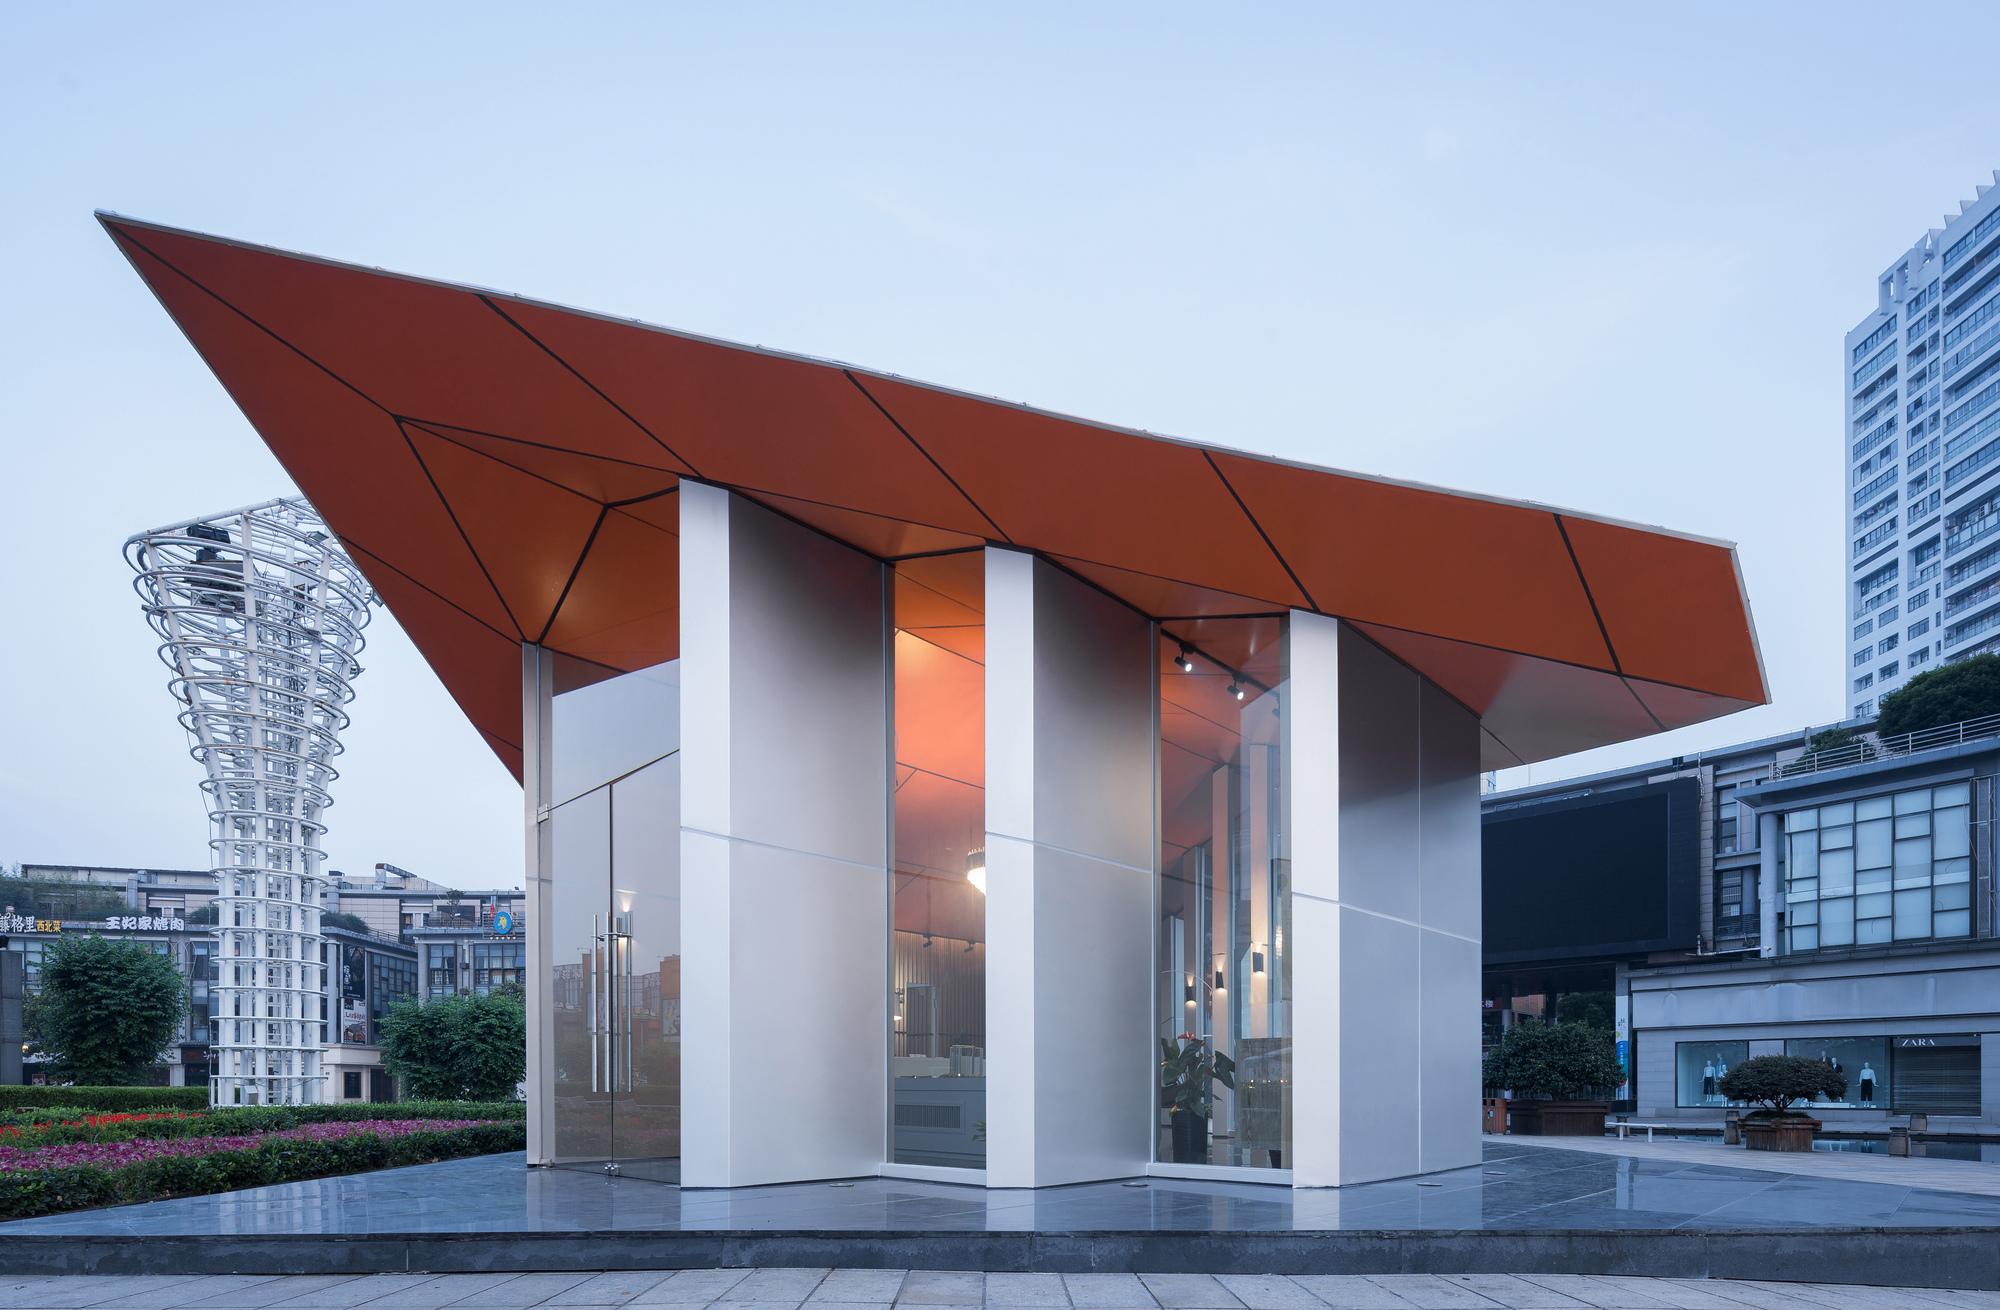 управления шкала красивые павильоны от архитекторов фото нужно ожидать таких